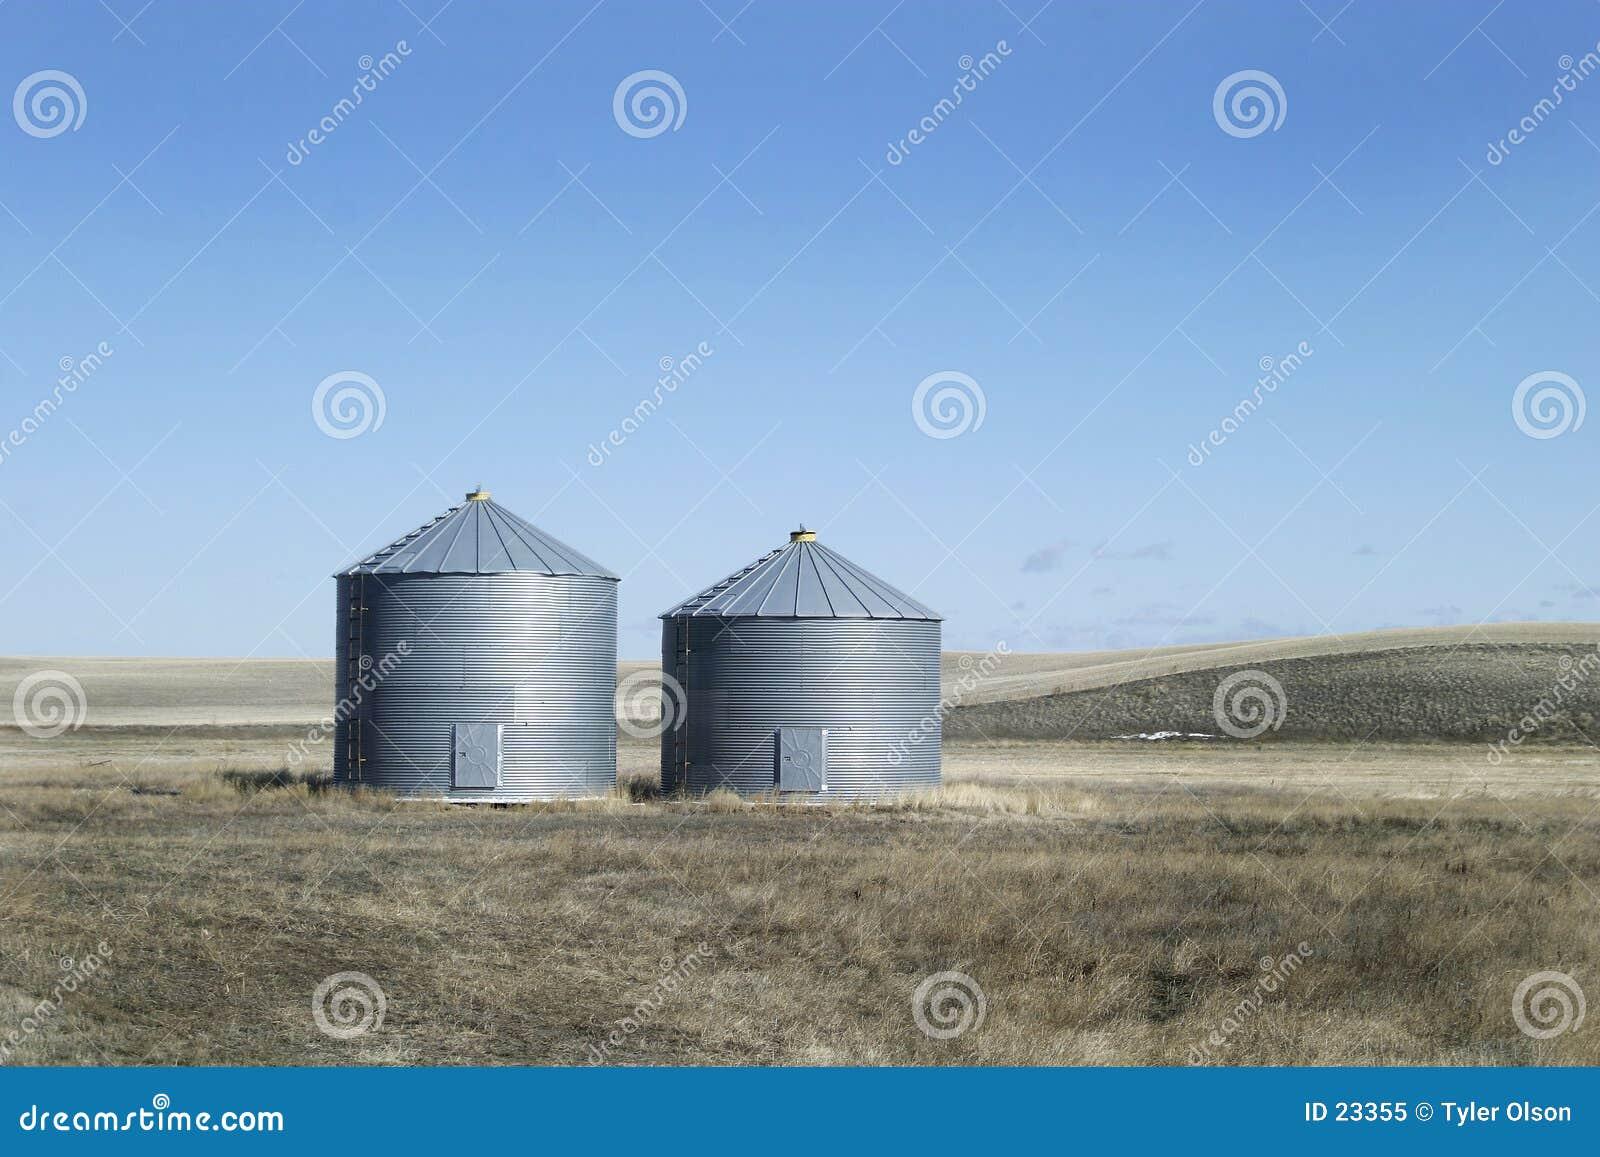 Zwei Metallkorn-Stauräume